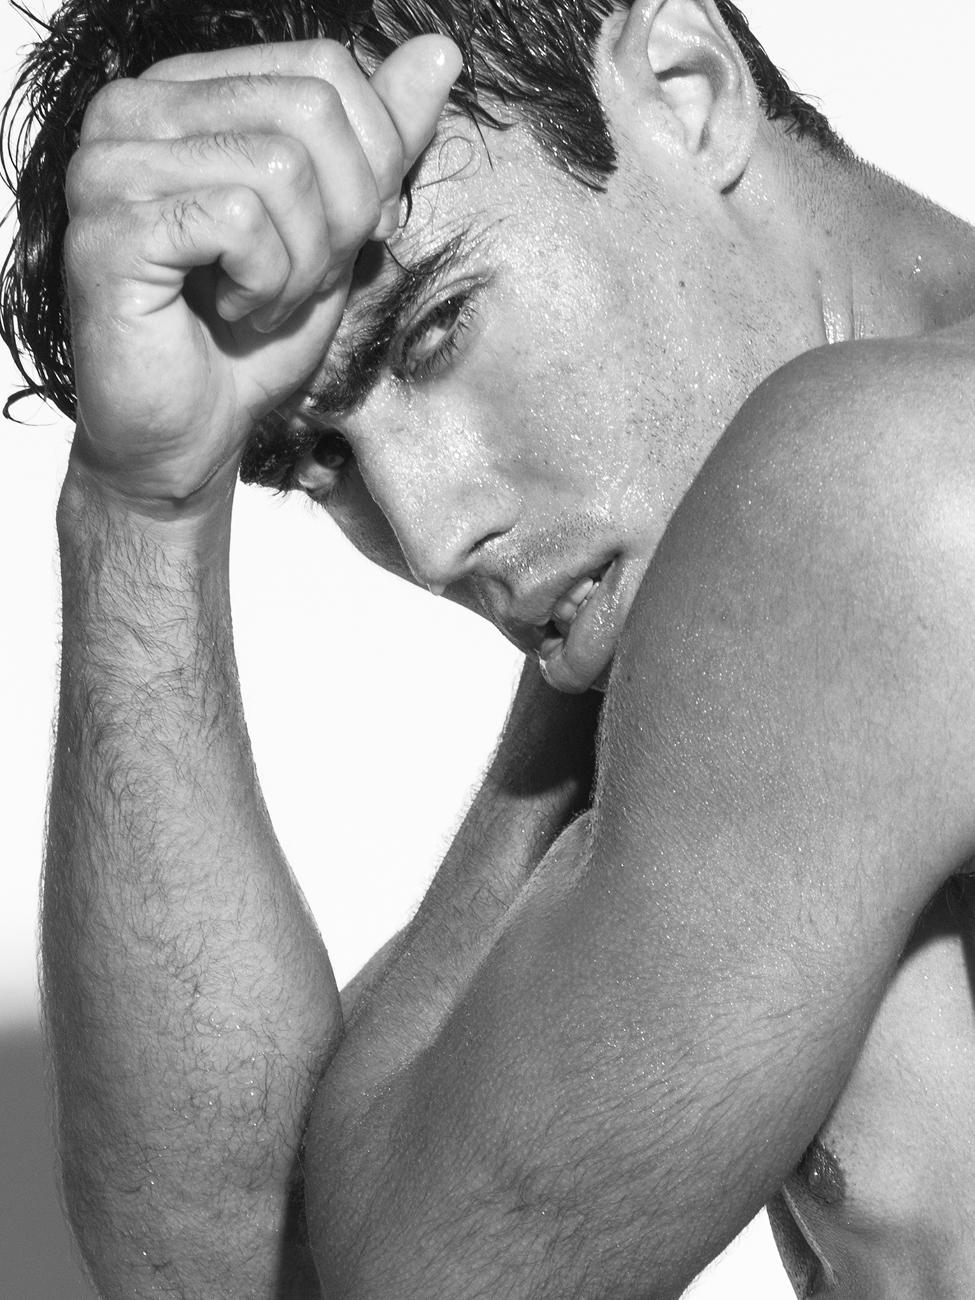 Adon Exclusive: Model Jean-Carlos By Frank Louis